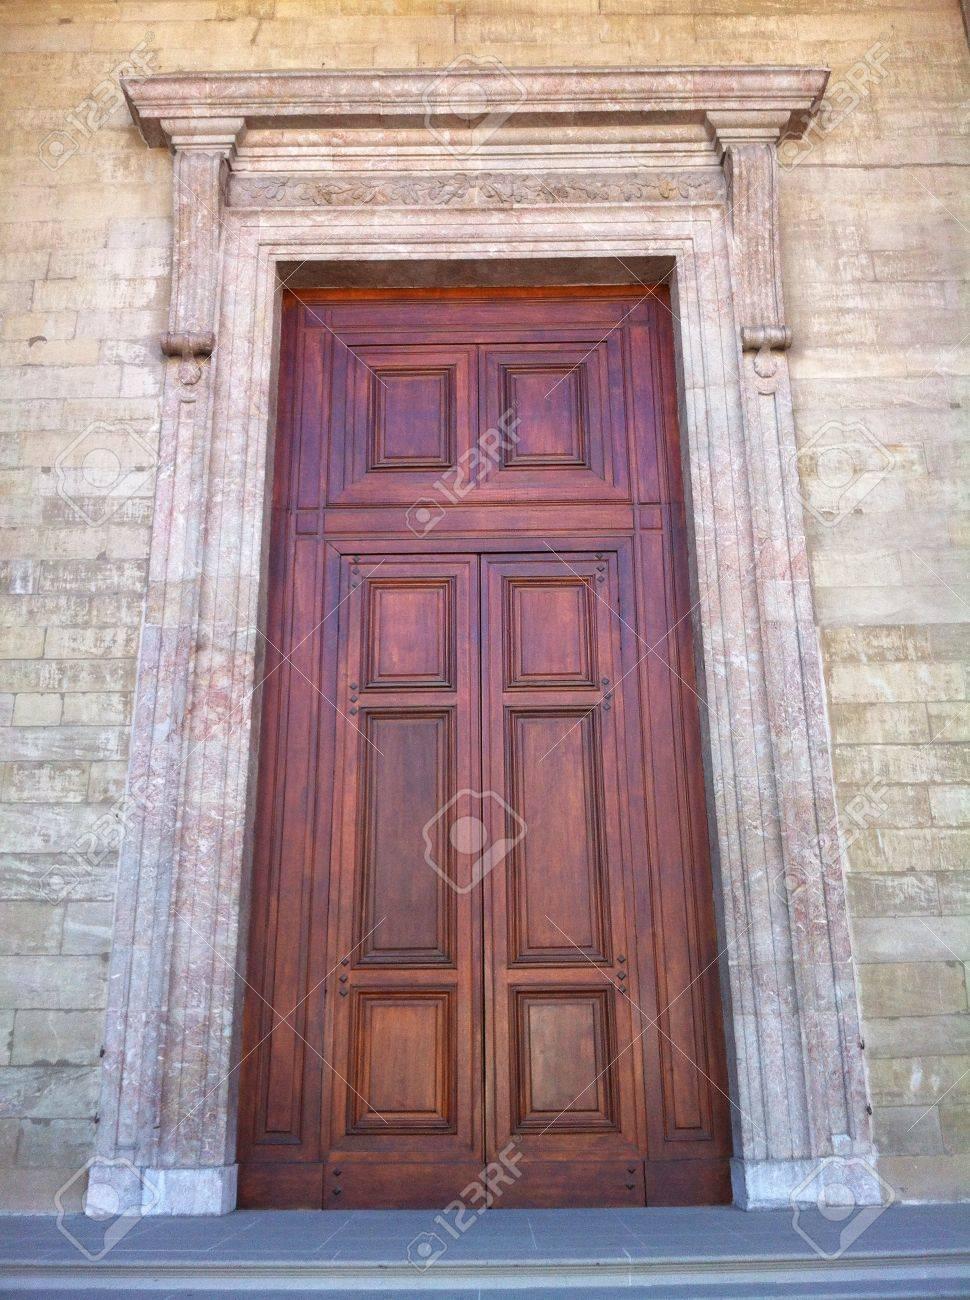 Huge woody texture door to the church old city Geneva Switzerland Stock Photo - 23440465 & Huge Woody Texture Door To The Church Old City Geneva Switzerland ...